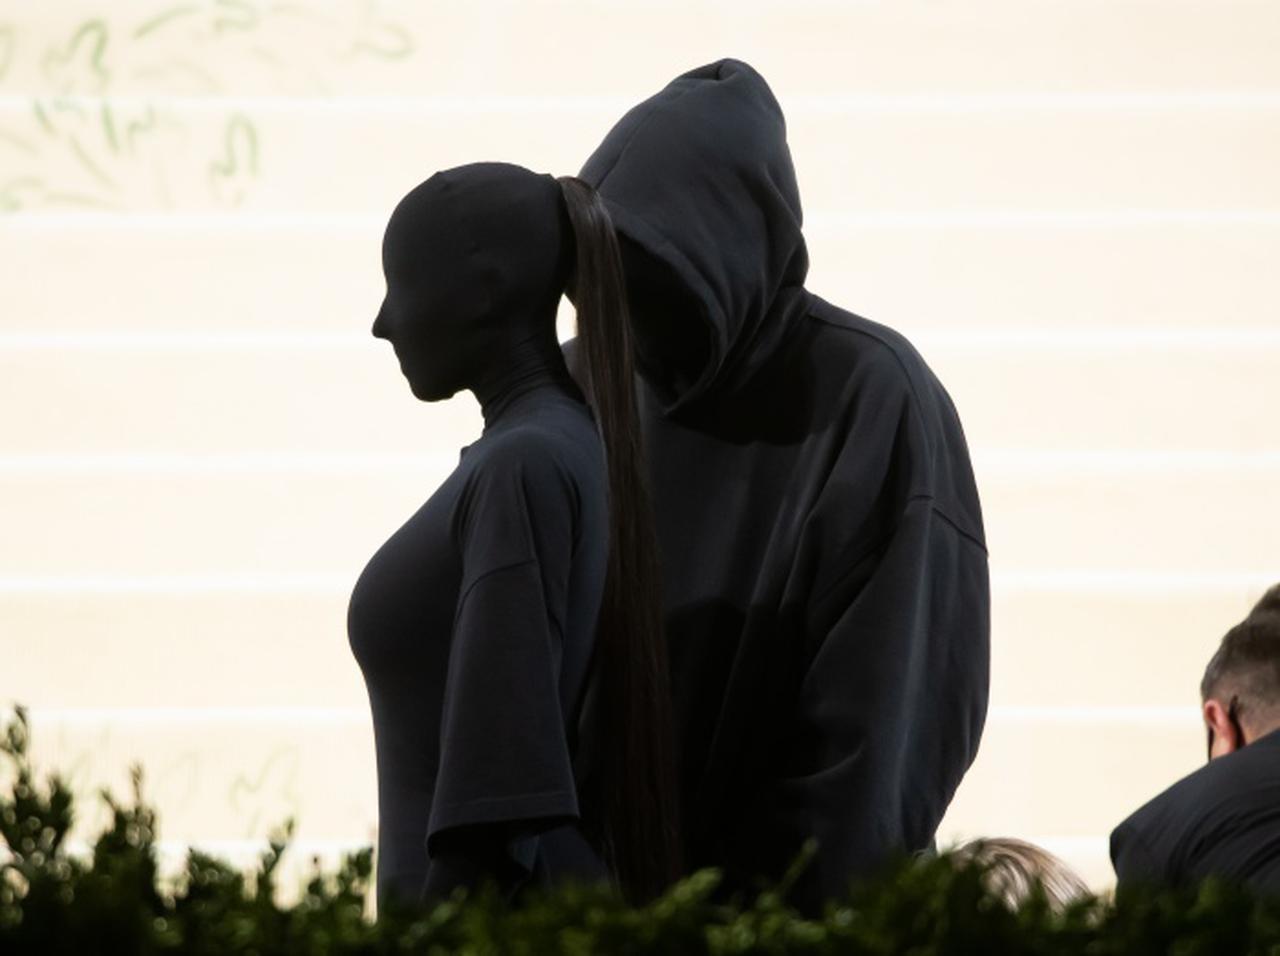 画像: キム・カーダシアン、覆面ルックはやっぱり「あの人」の影響があった【メットガラ2021】 - フロントロウ -海外セレブ&海外カルチャー情報を発信